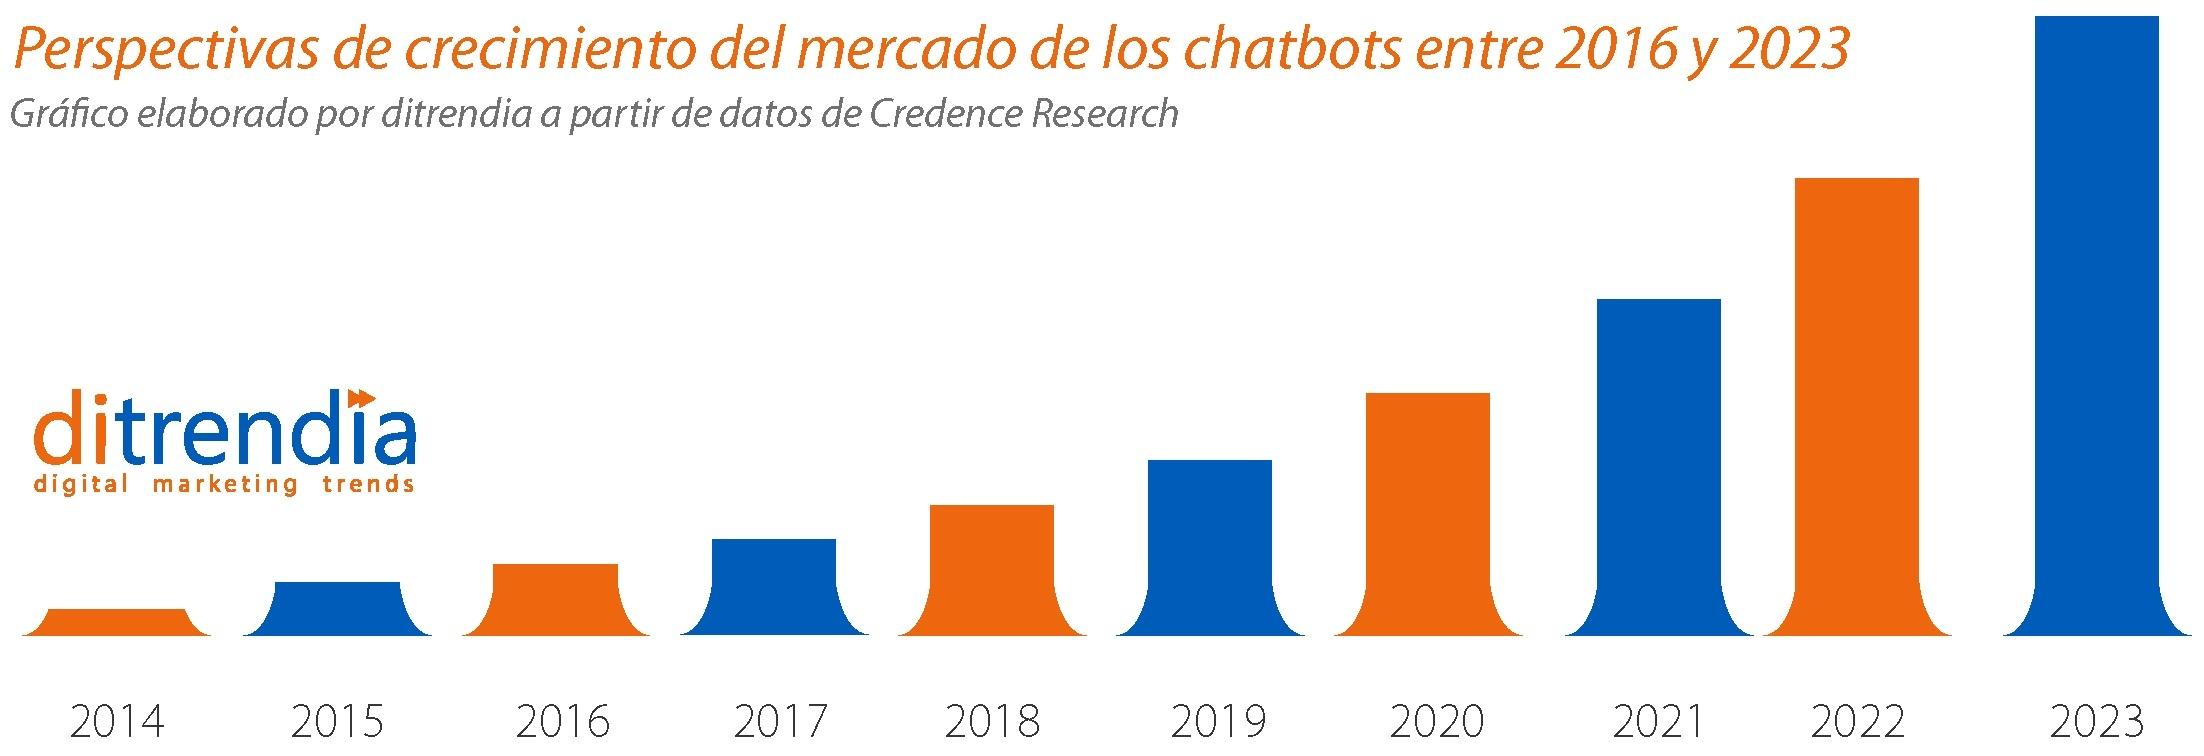 Perspectivas de crecimiento del mercado de chatbots